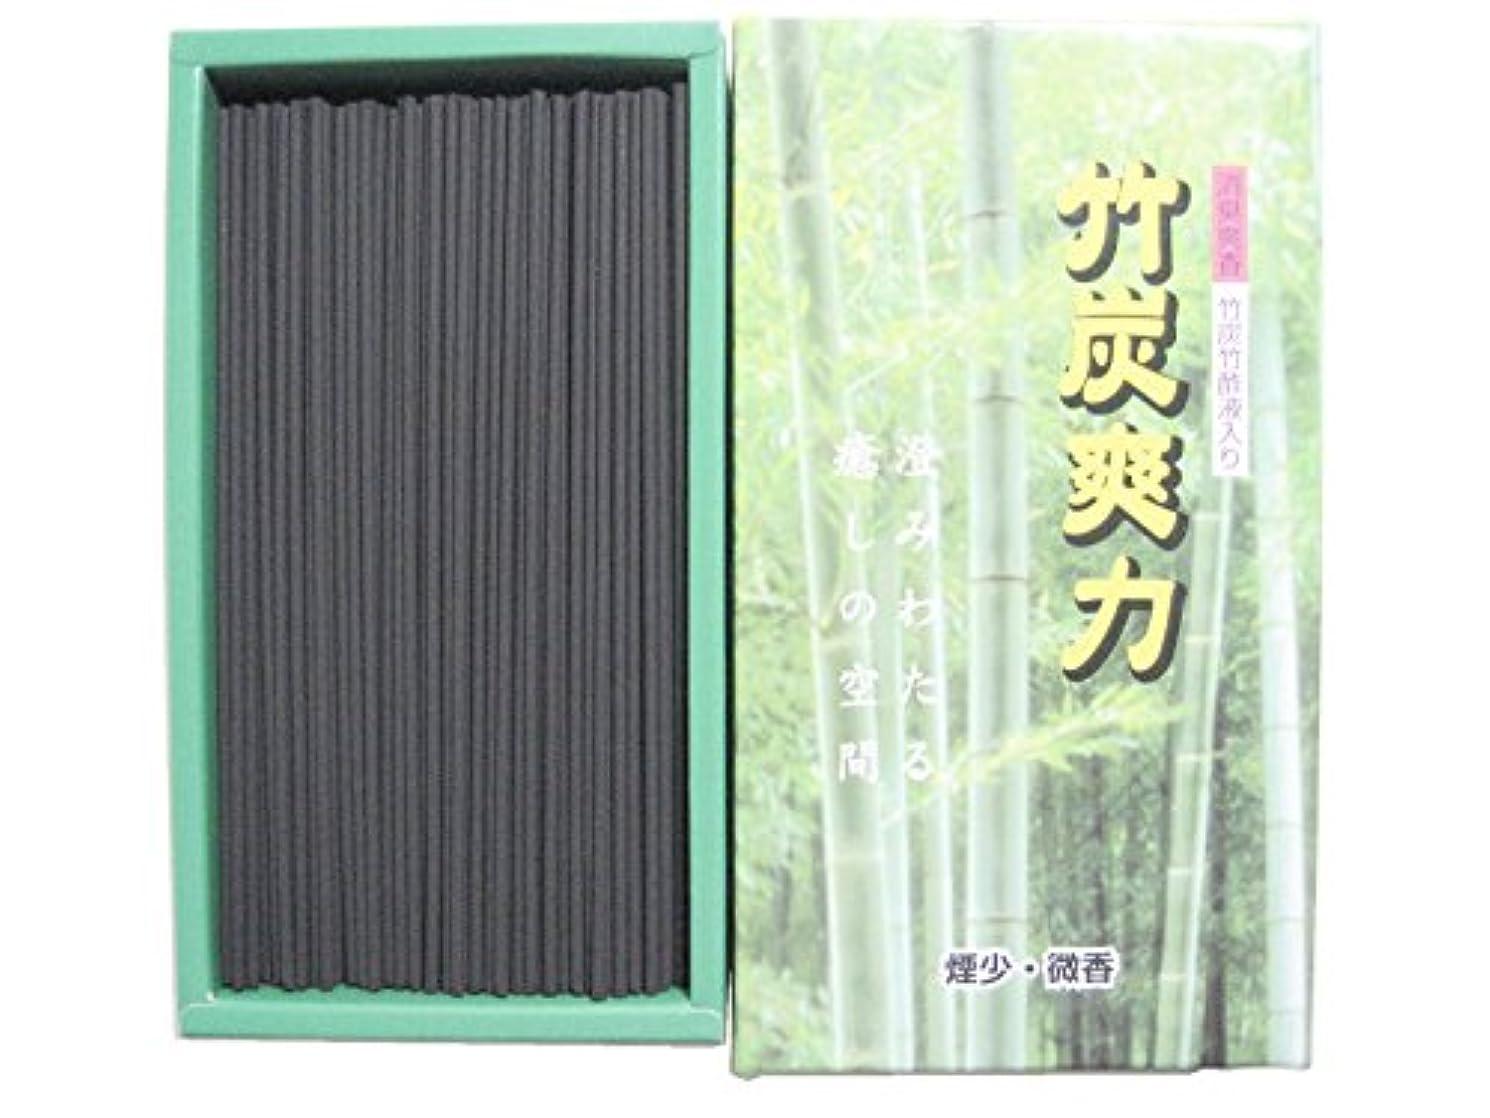 シングル日不安定な淡路梅薫堂の竹炭お線香 竹炭爽力微香 95g #250 ×80